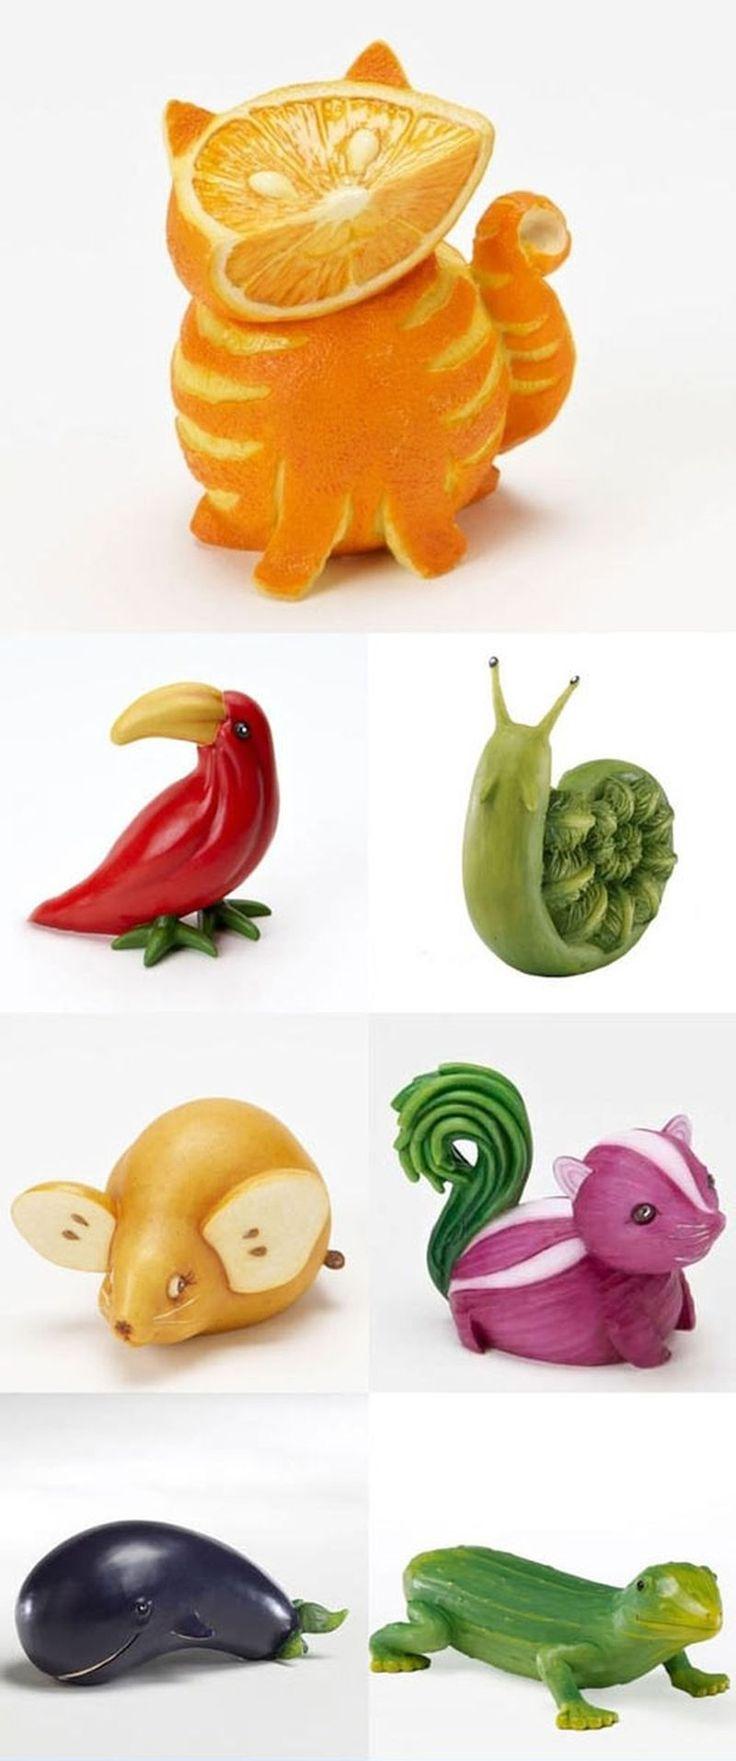 Рисунки поделок из овощей и фруктов